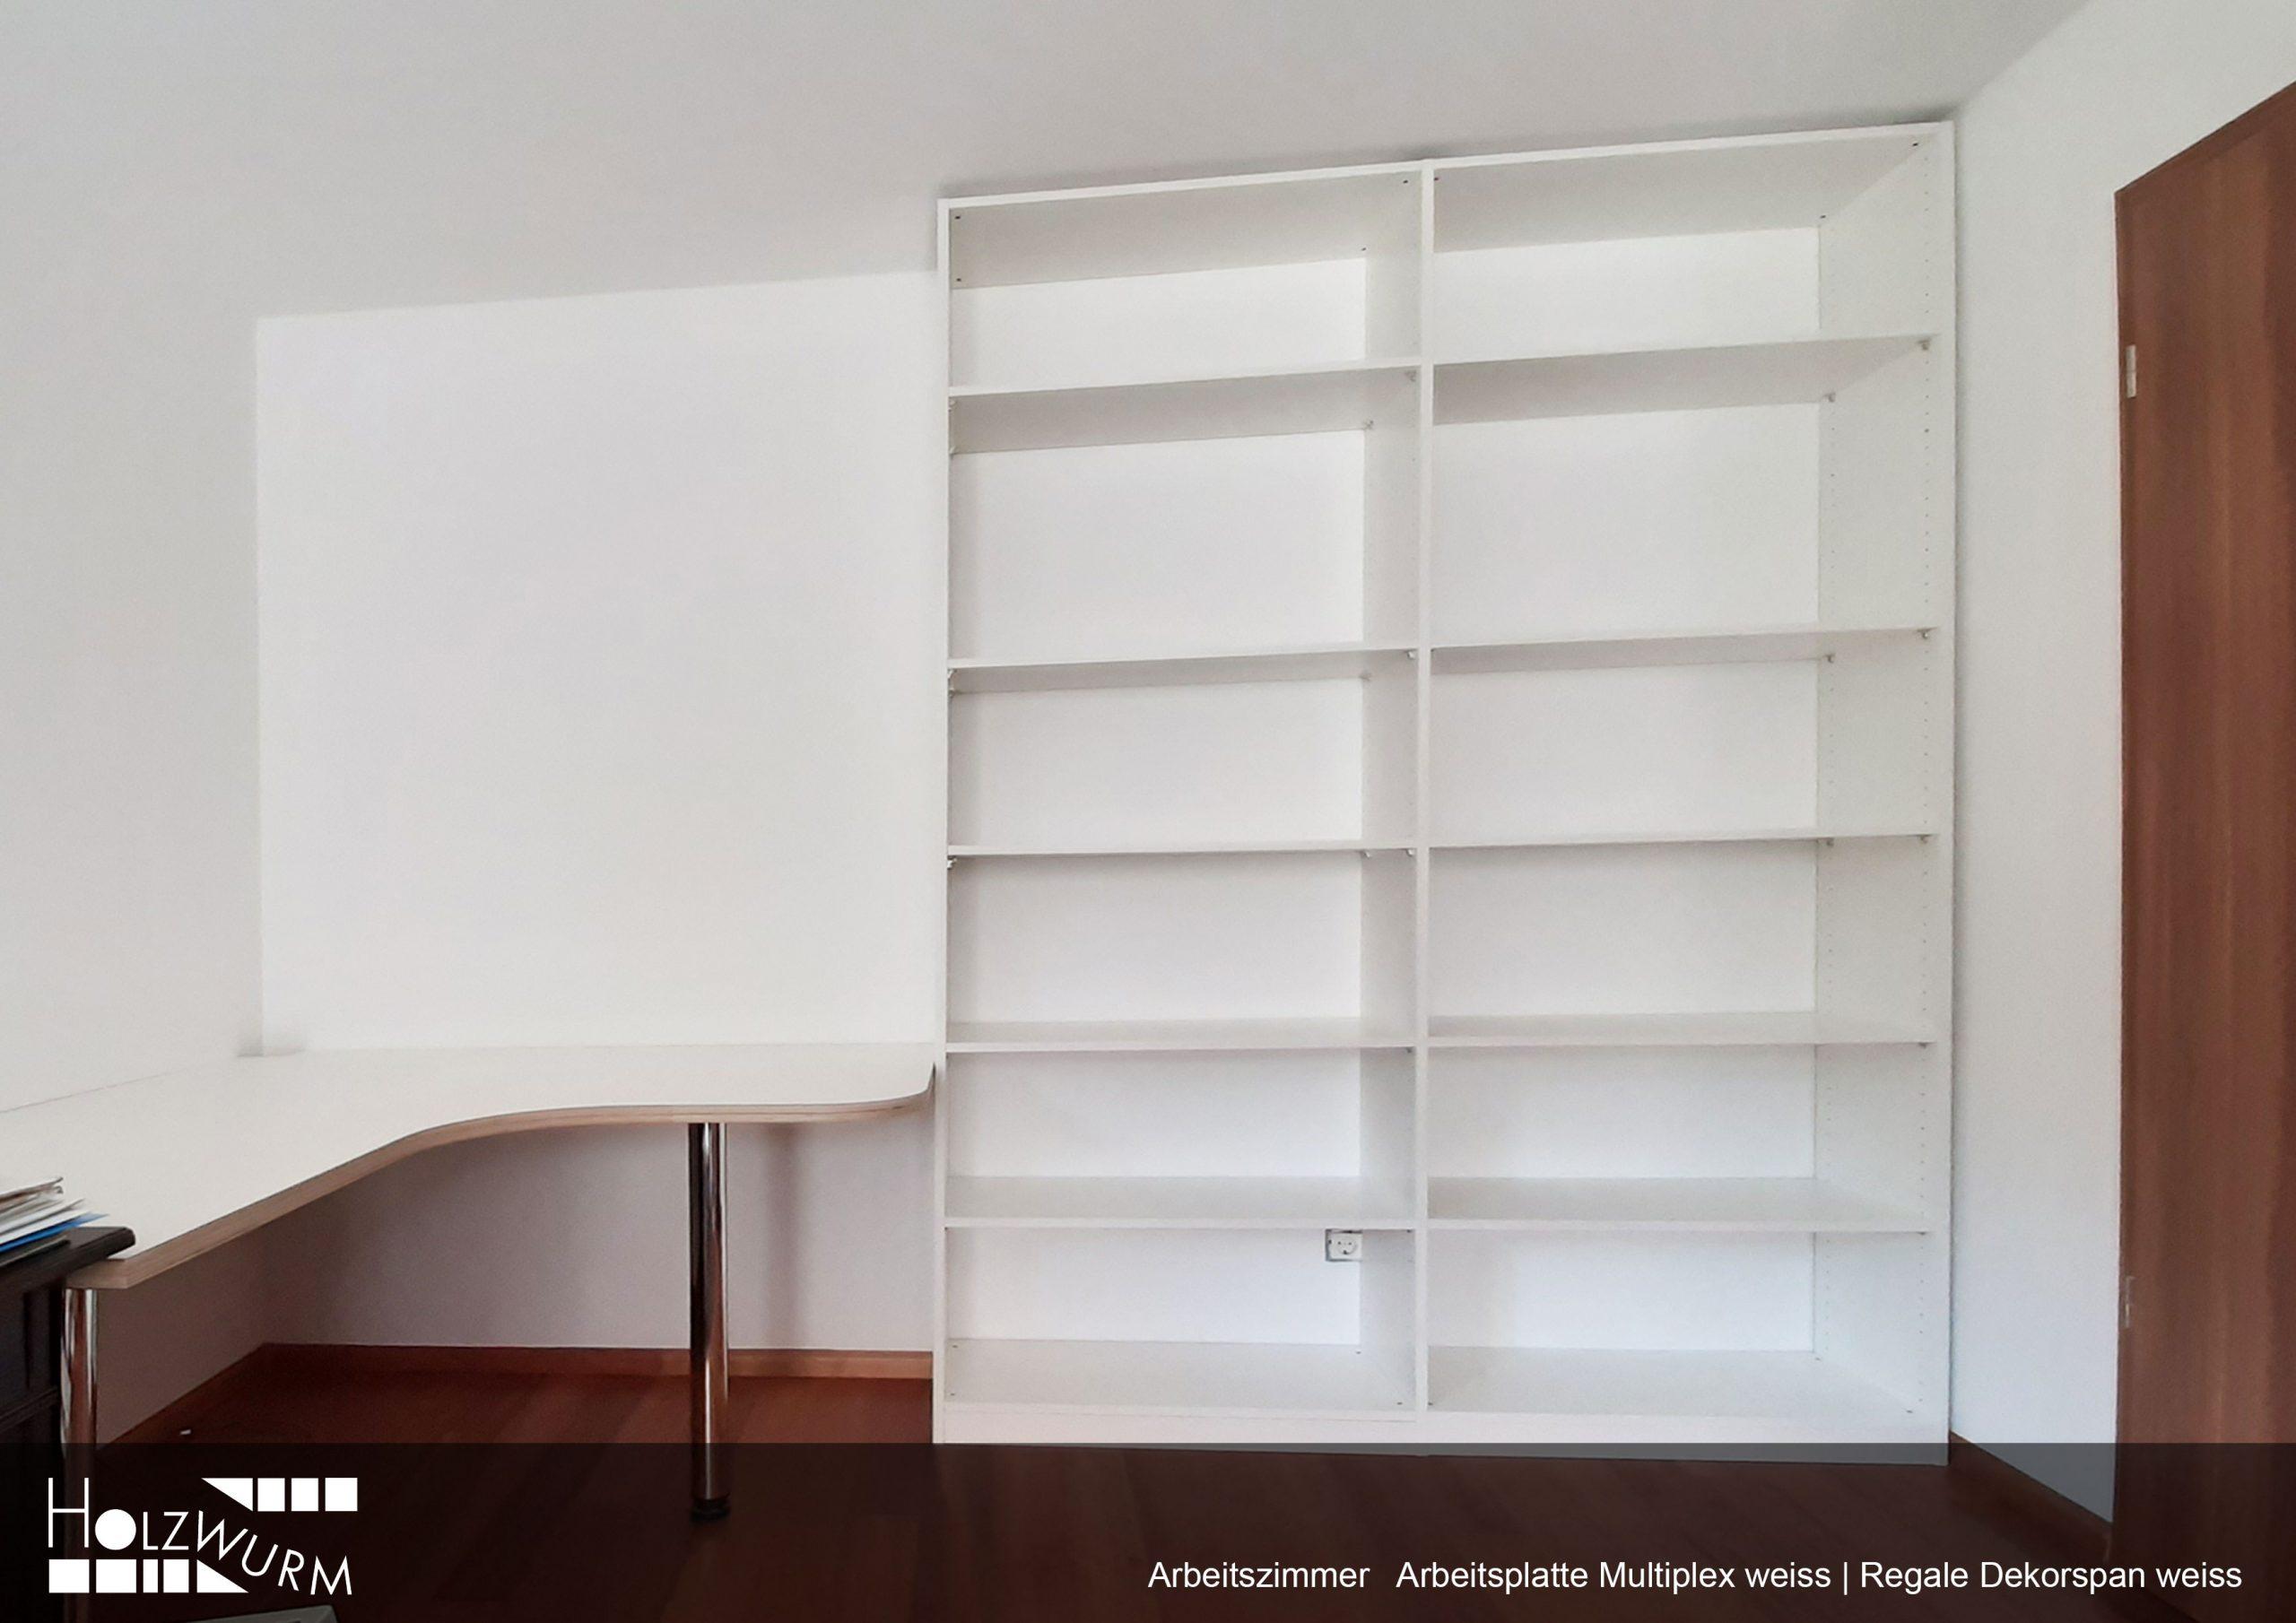 Arbeitszimmer mit Arbeitsplatte Multiplex weiss beschichtet